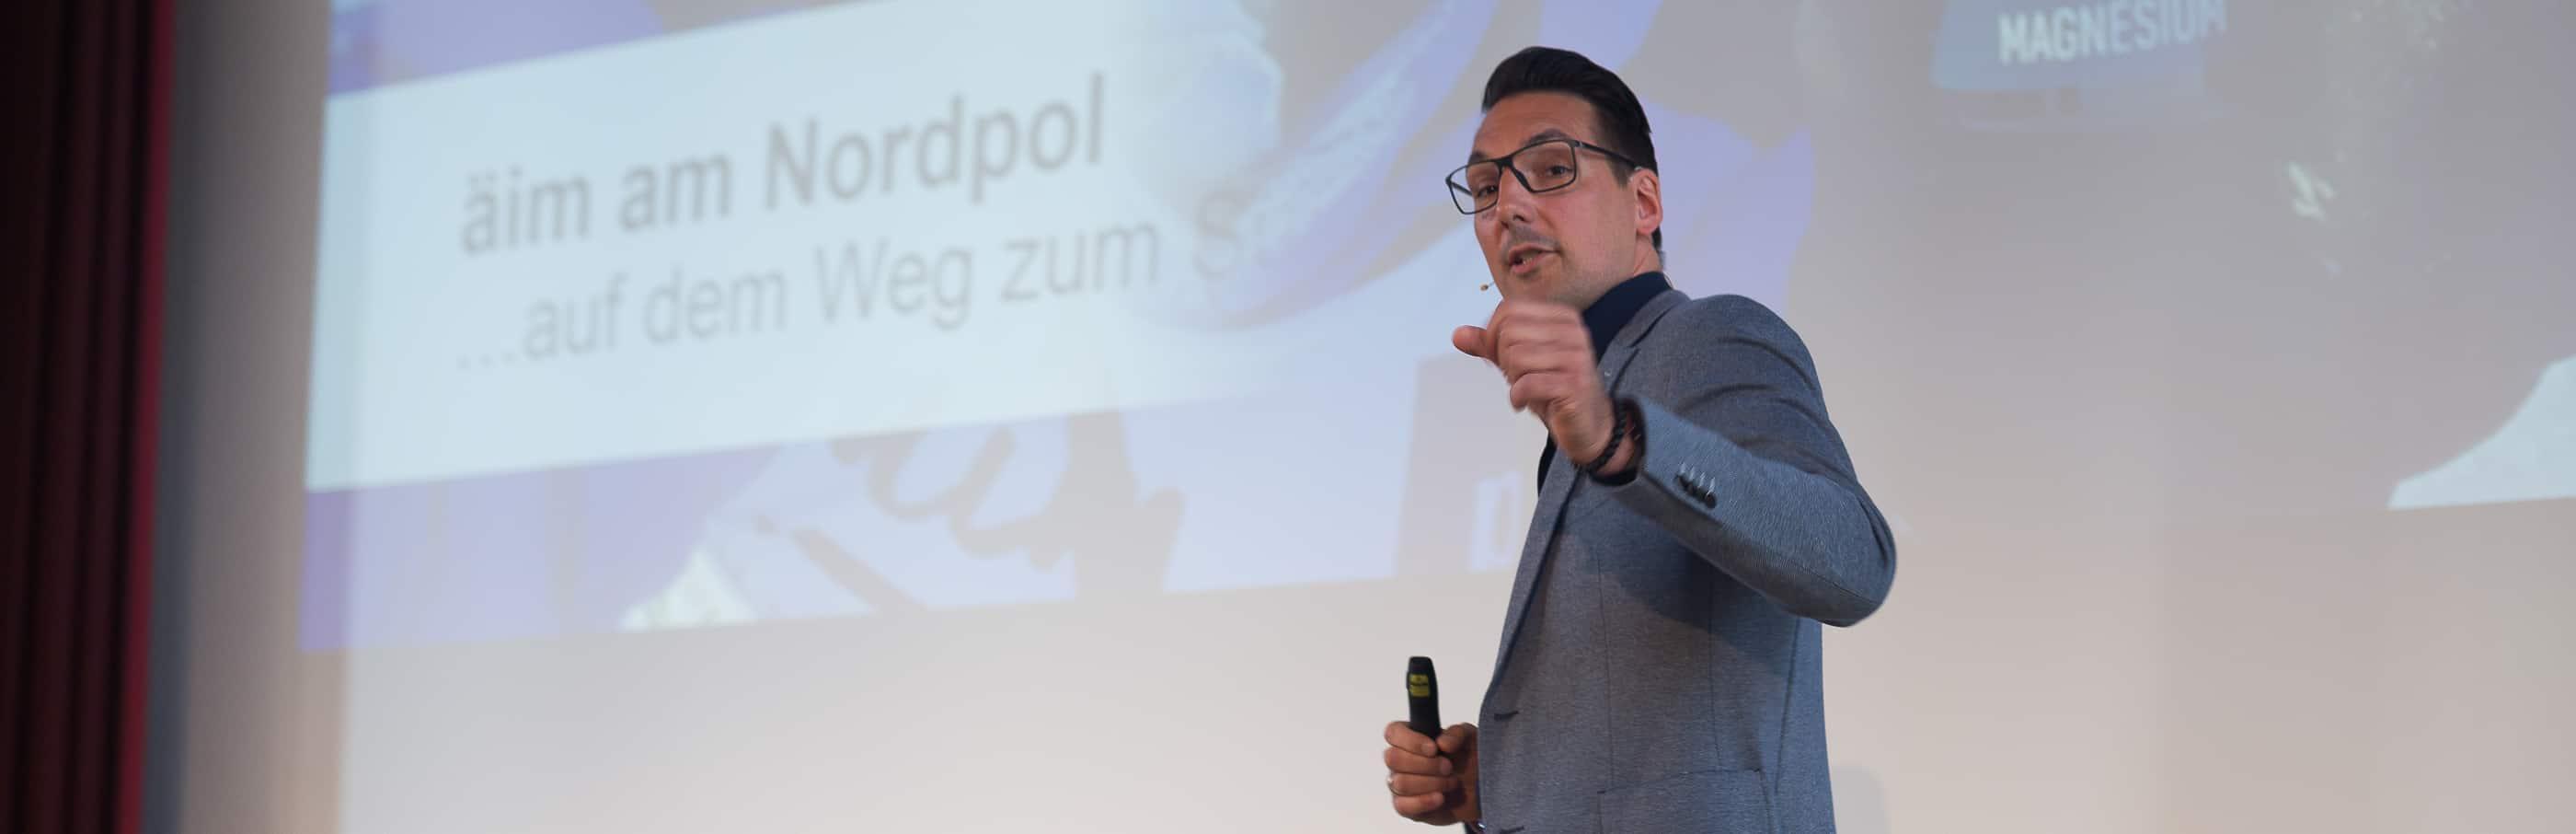 Steffen Kuhnert, Apotheker, Gesundheitsunternehmer, Gesundheitsexperte